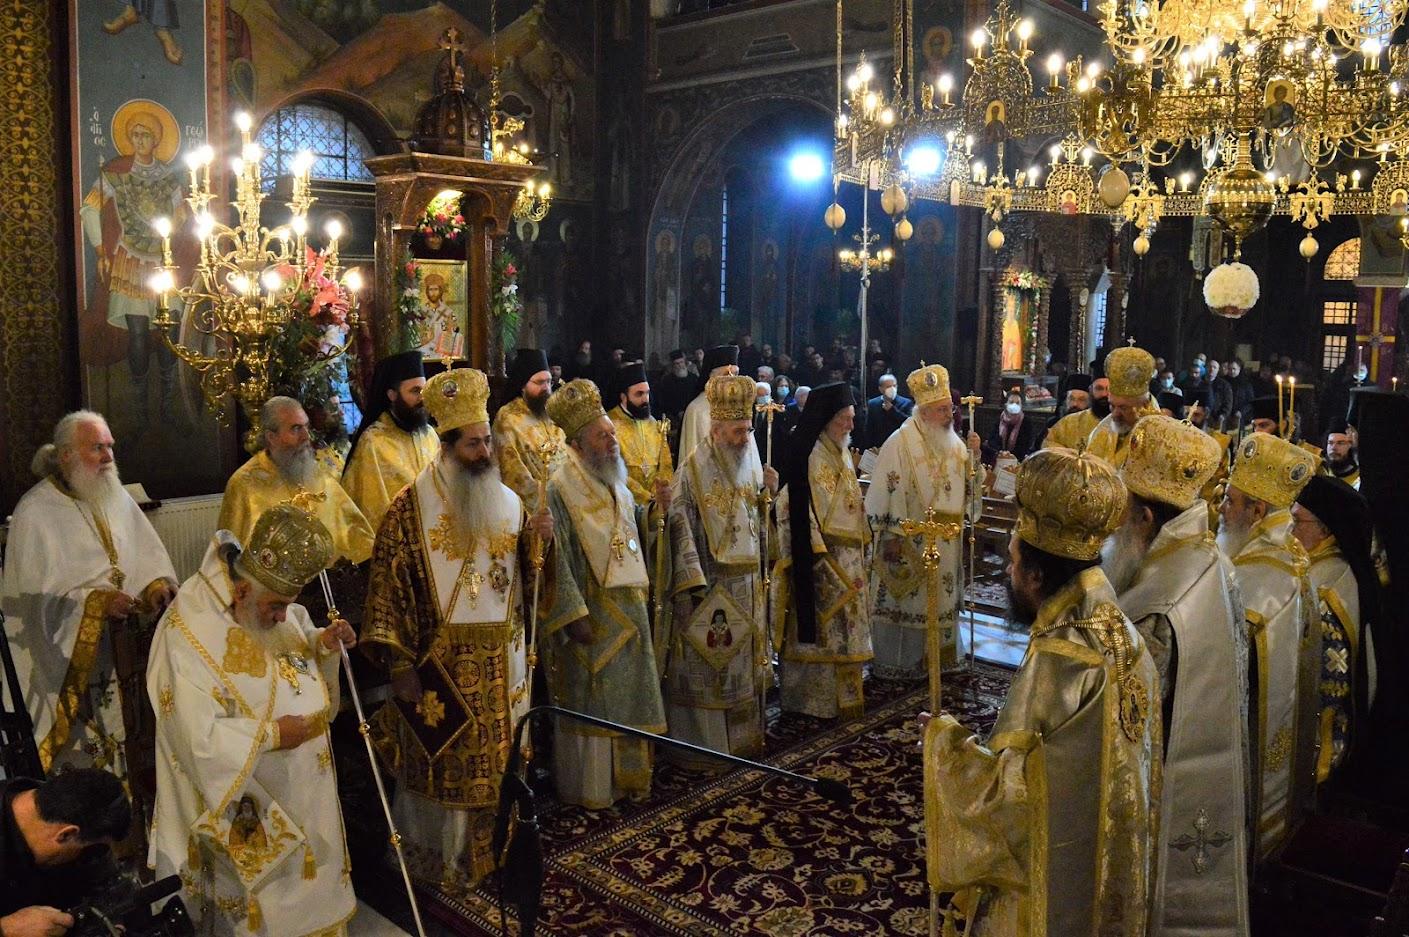 Επίσημη Αγιοκατάταξη του Αγίου Καλλινίκου στην Έδεσσα